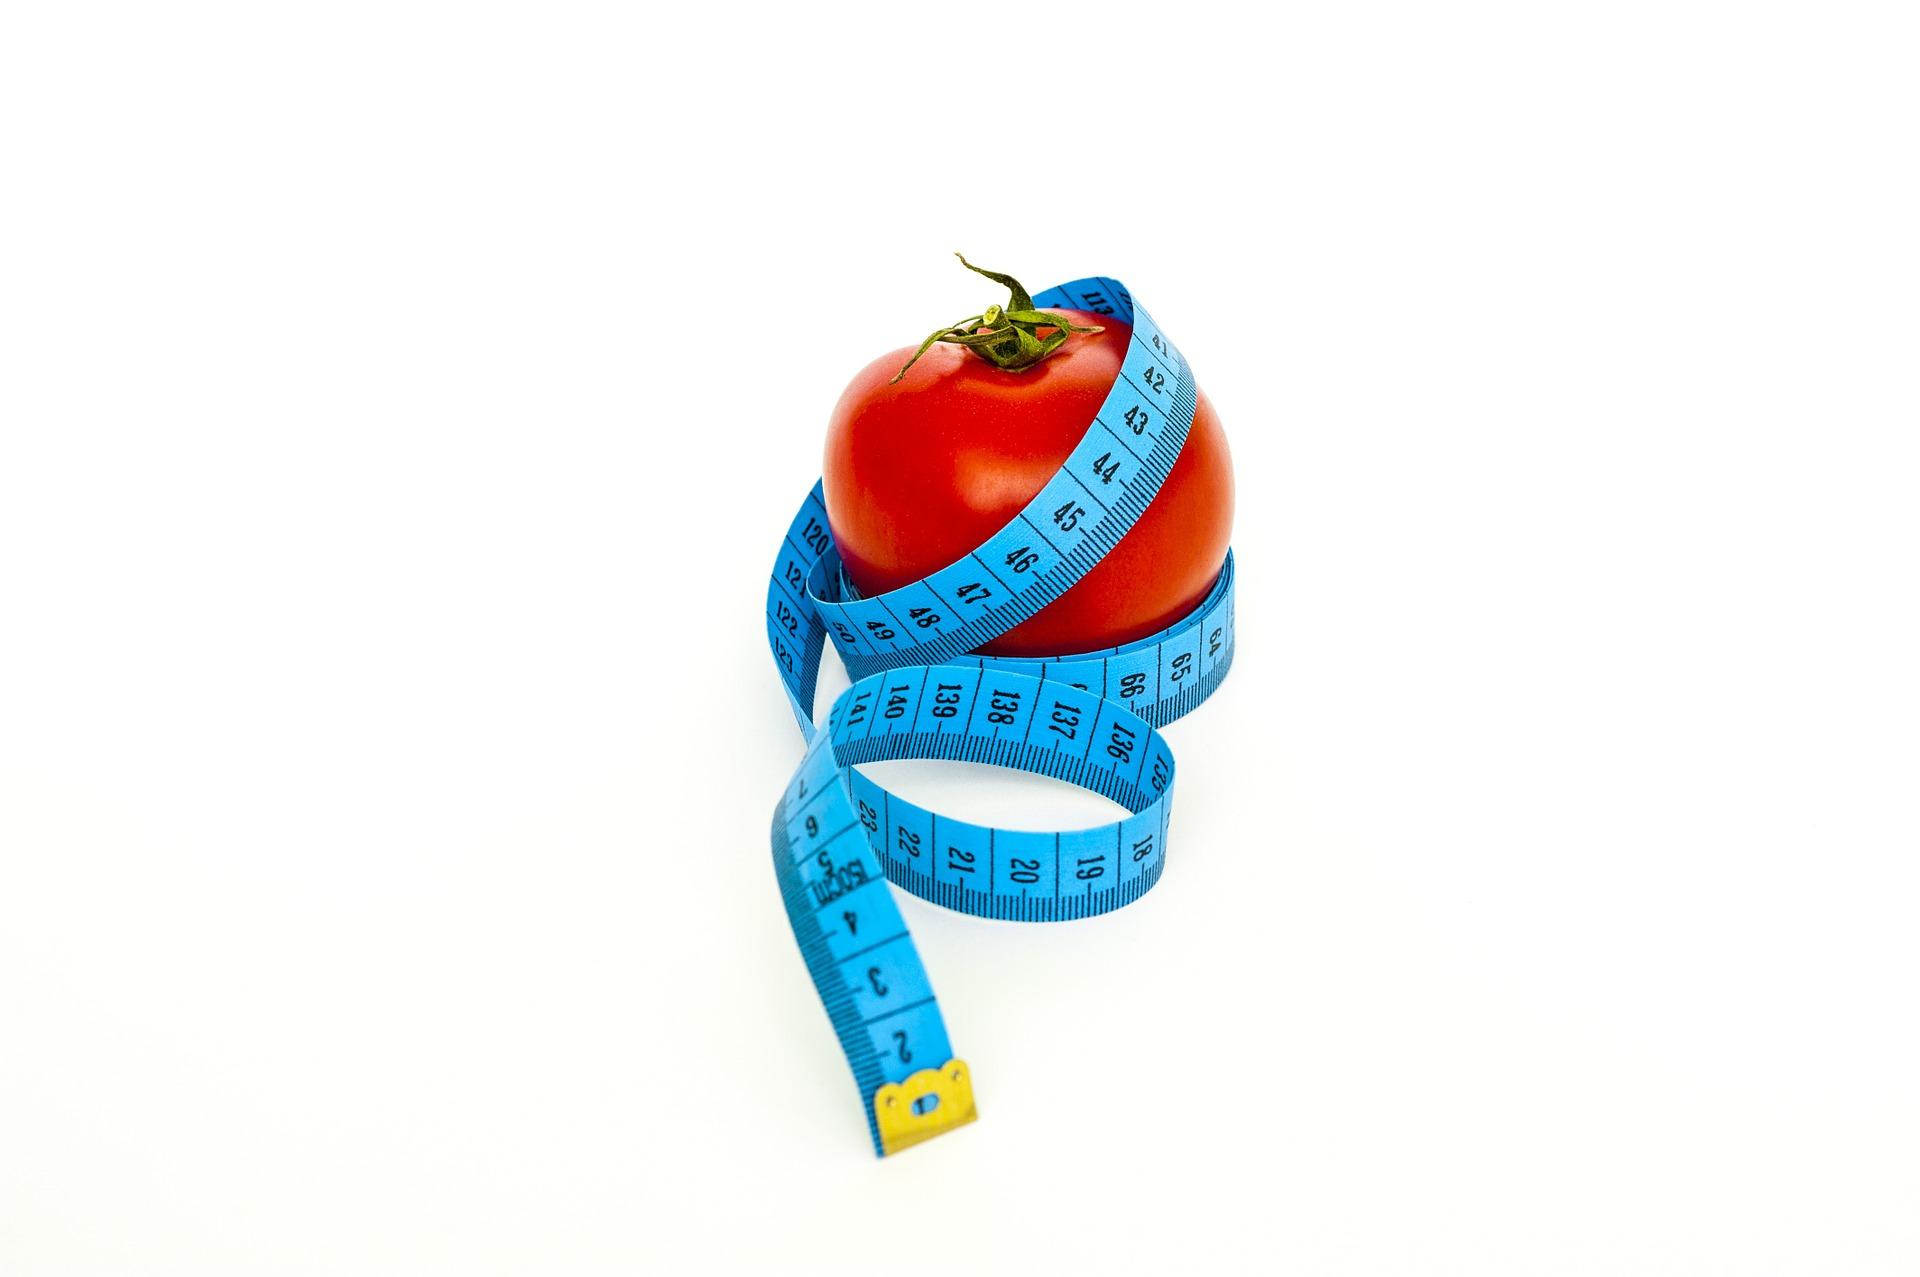 câteva sfaturi sănătoase pentru a pierde în greutate